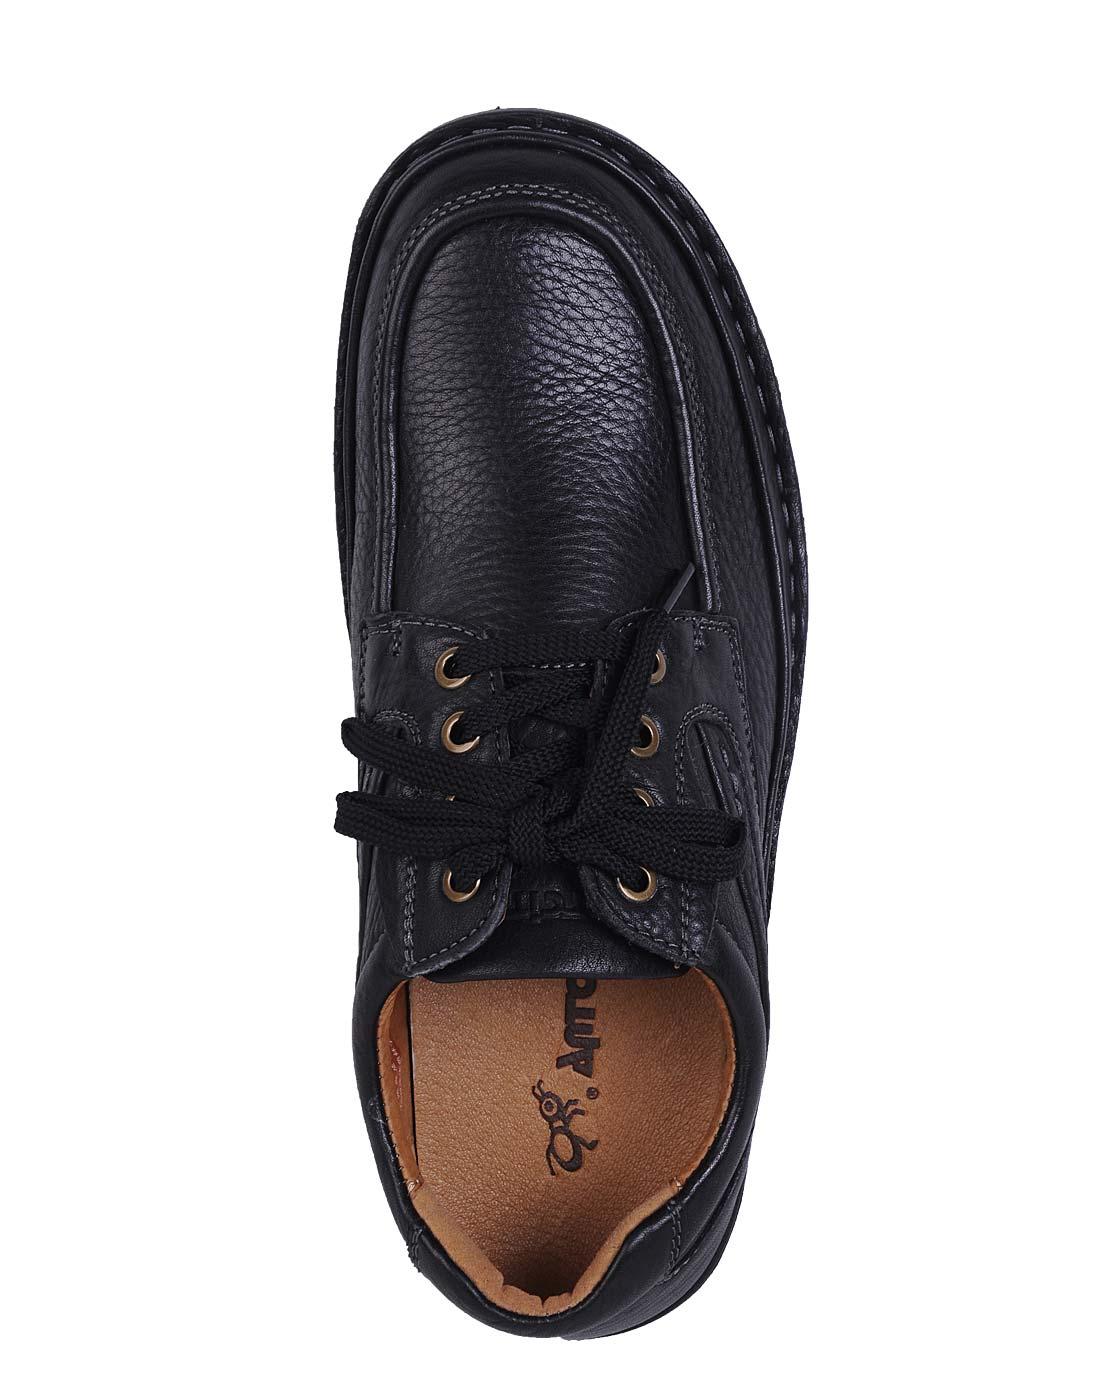 蚂蚁城antcity黑色休闲单鞋314095-30001